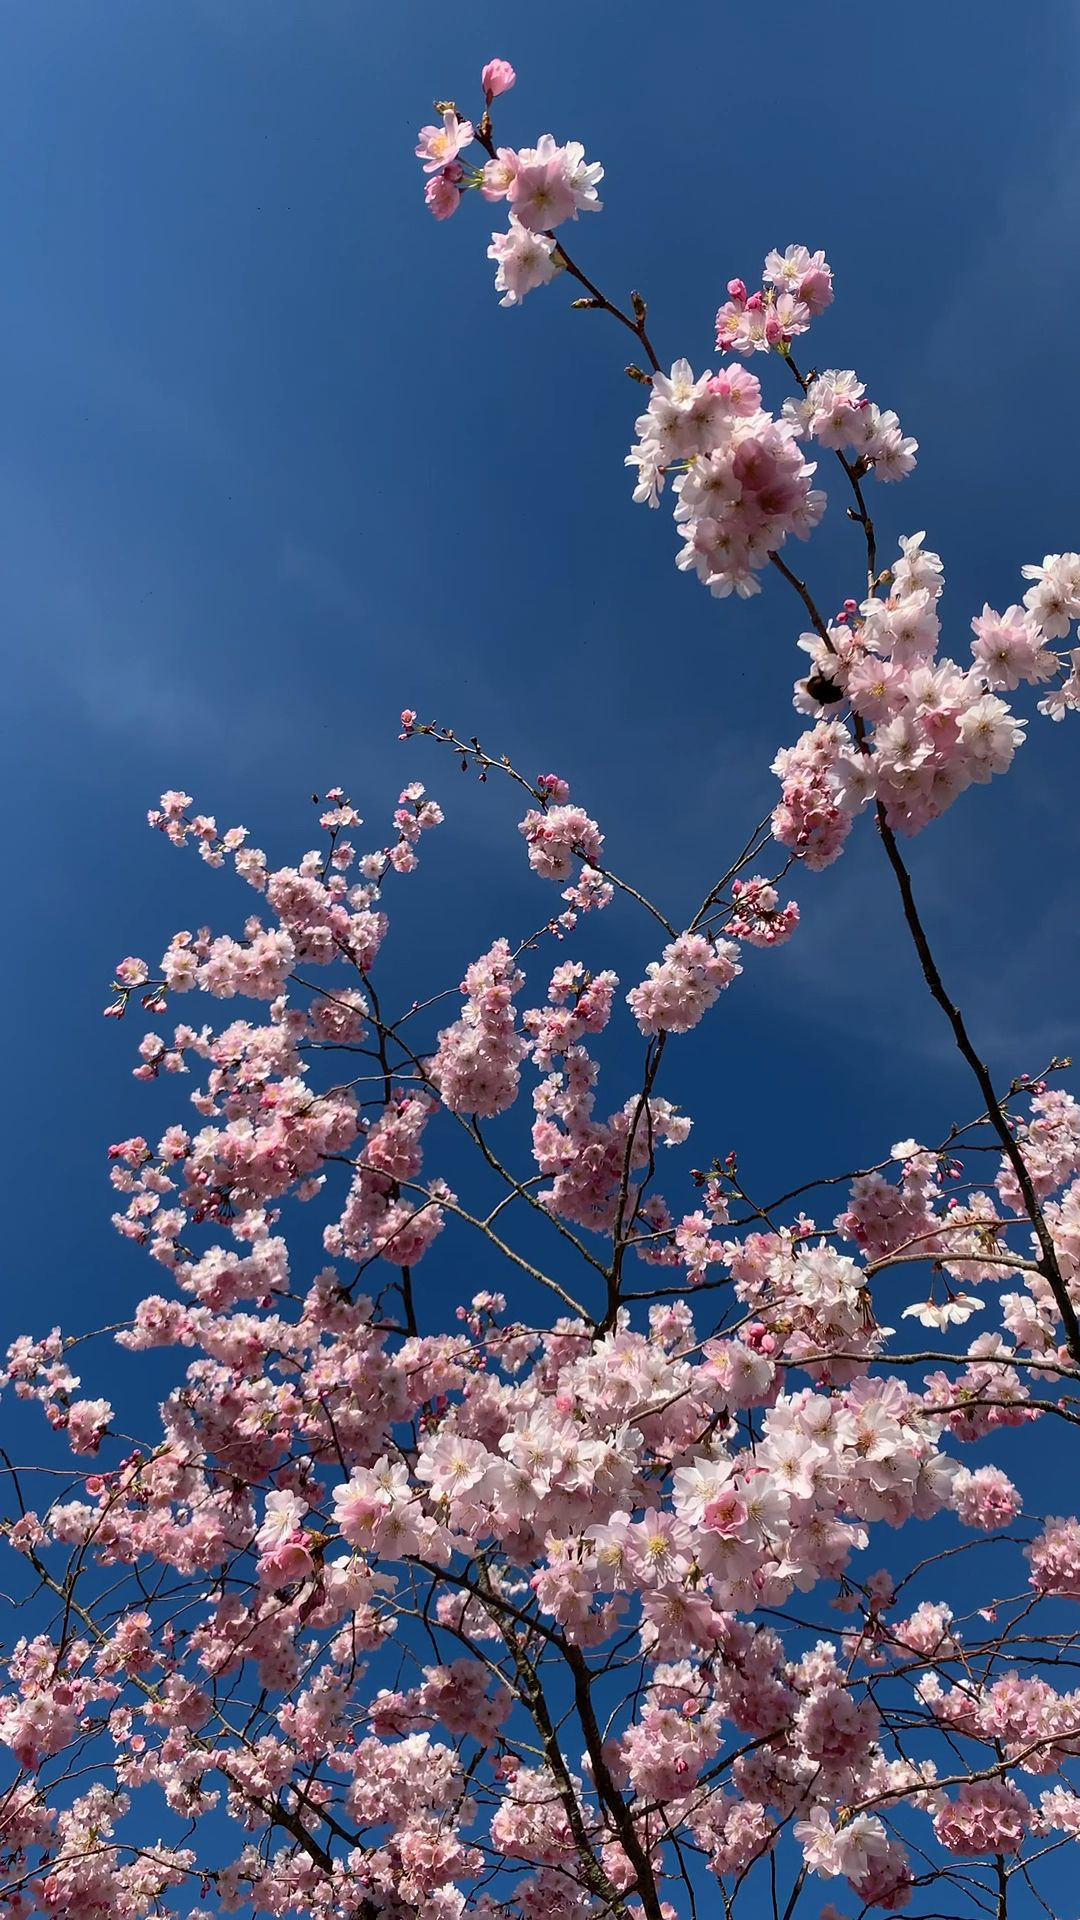 Spring Blossom 🌸